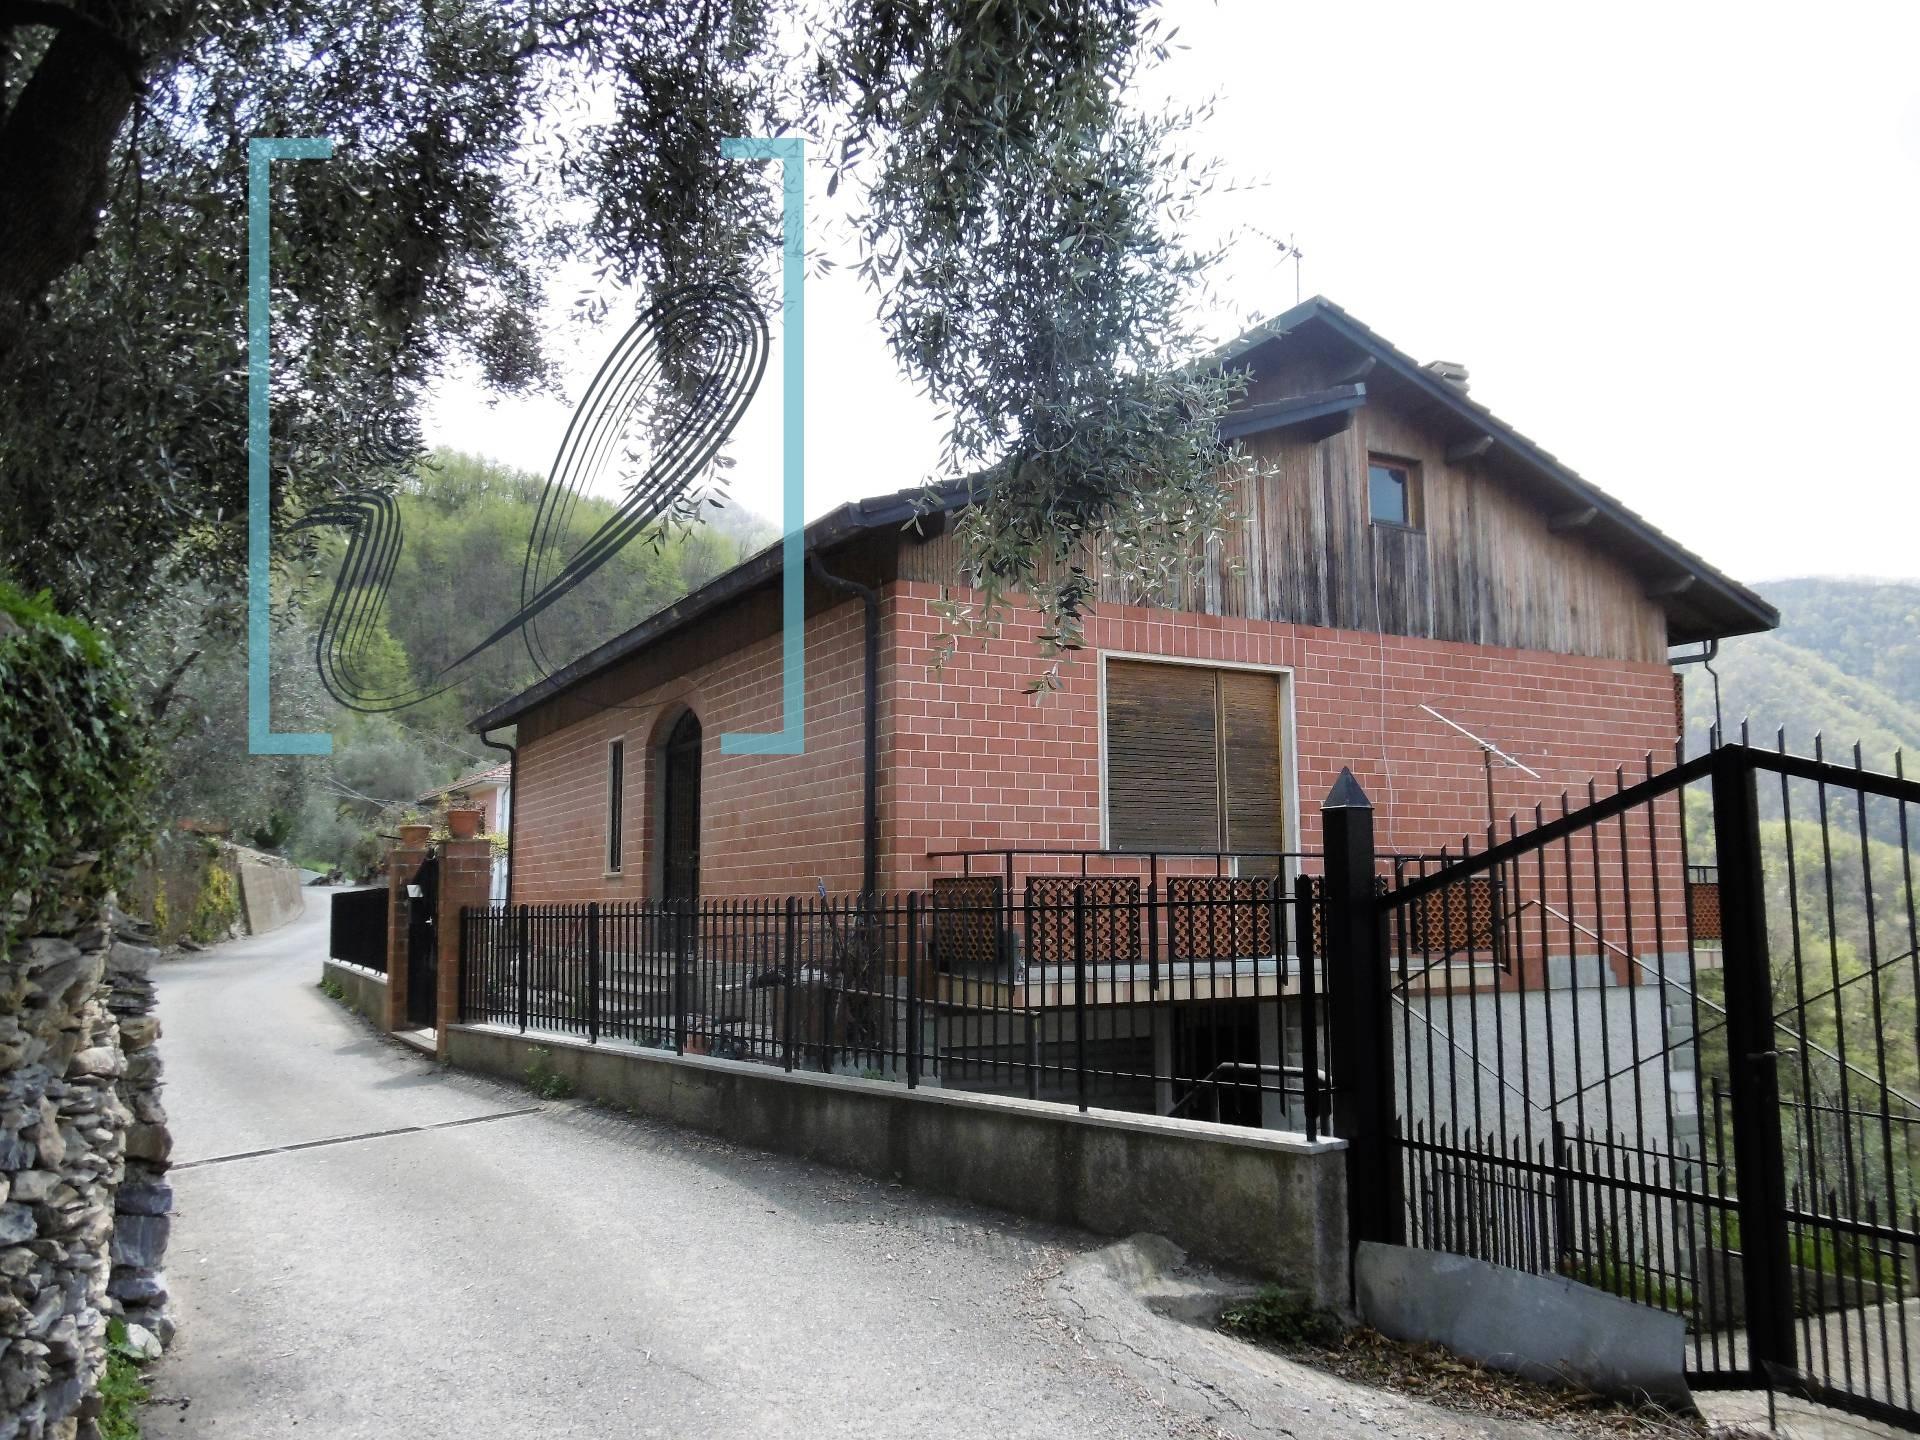 Appartamento in vendita a Borghetto d'Arroscia, 5 locali, prezzo € 80.000 | CambioCasa.it